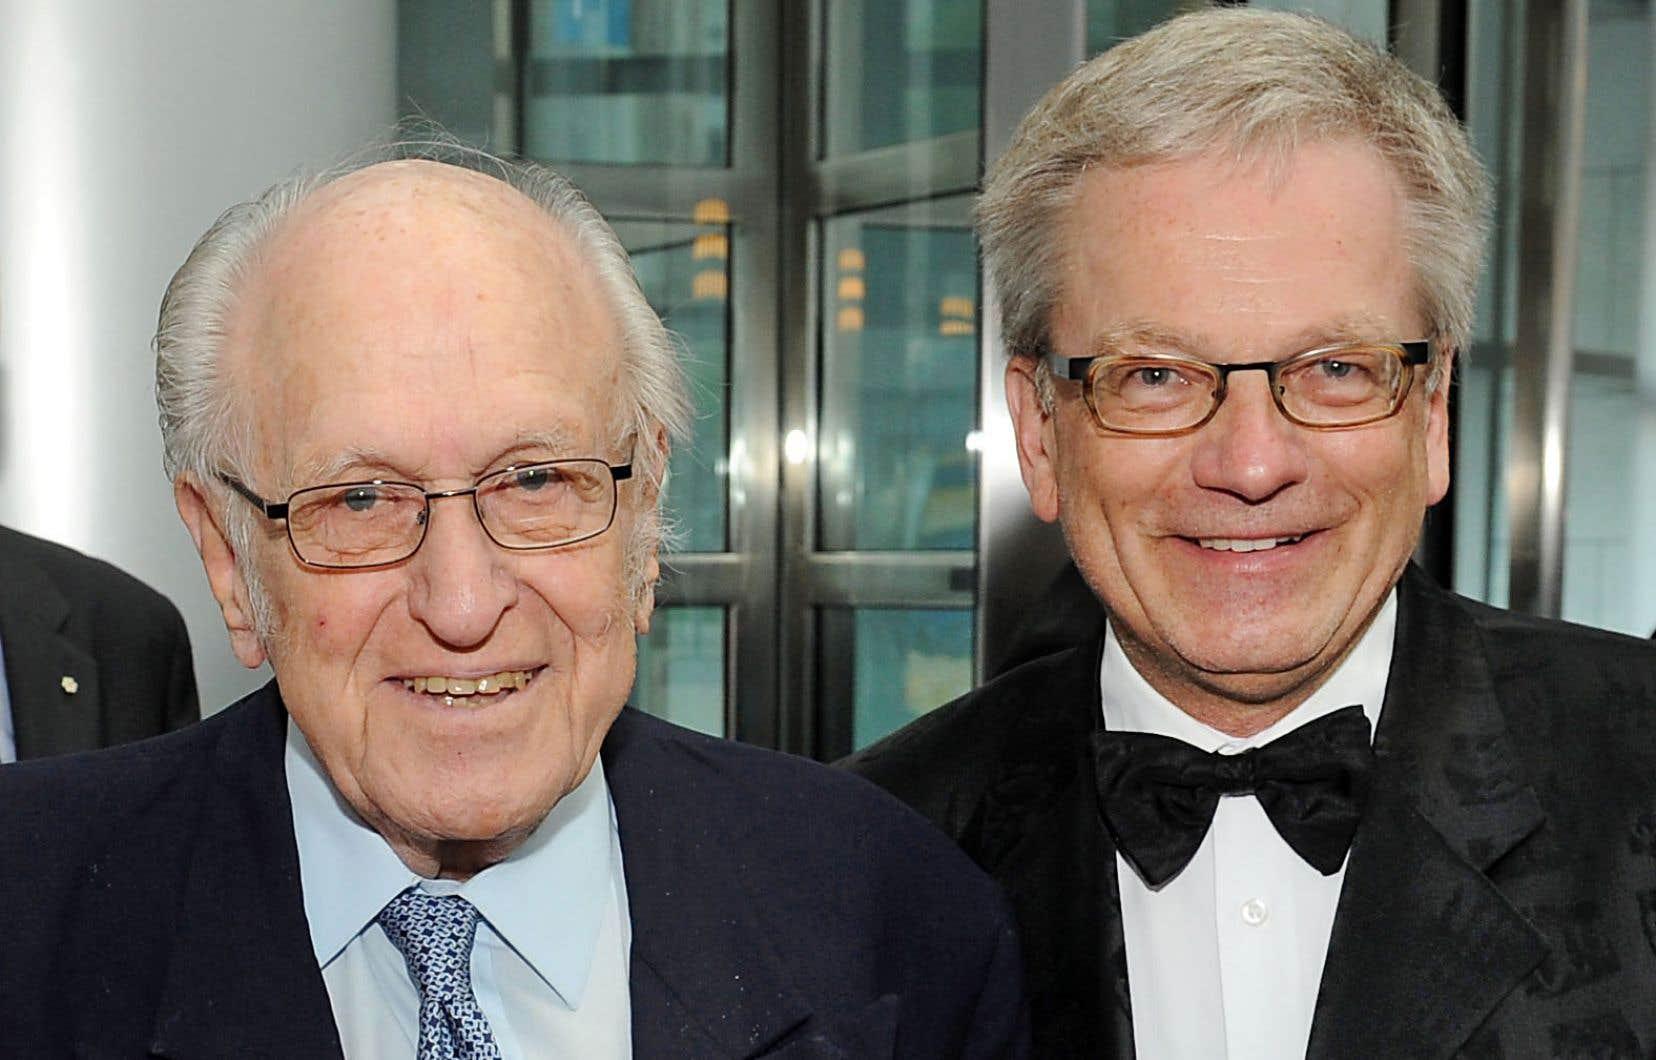 Le DrJacques Genest (à gauche), en 2014, avec le professeur Rémi Quirion, scientifique en chef du Québec, lors du banquet au Musée des beaux-arts où fut célébré le 50eanniversaire du FRQS.